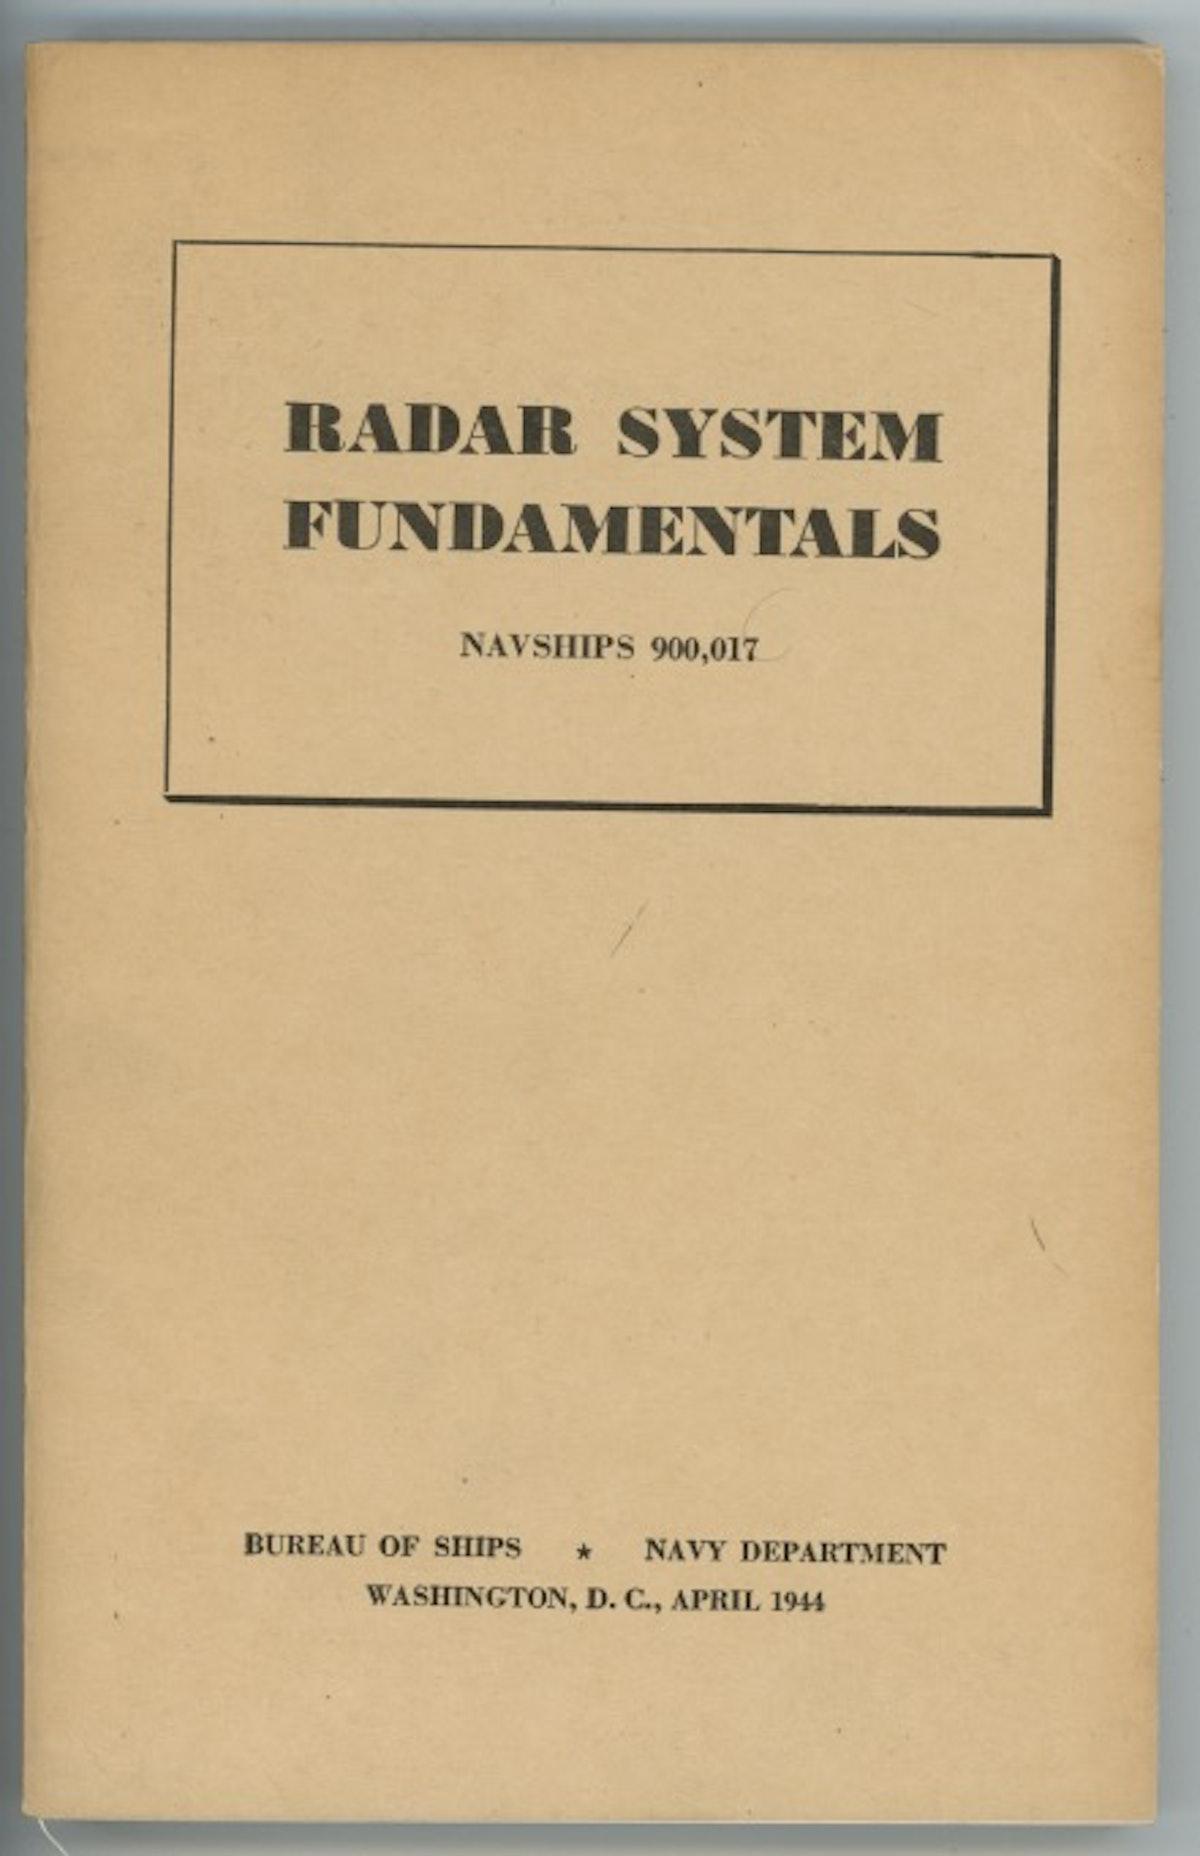 Radar System Fundamentals Navships 900,017